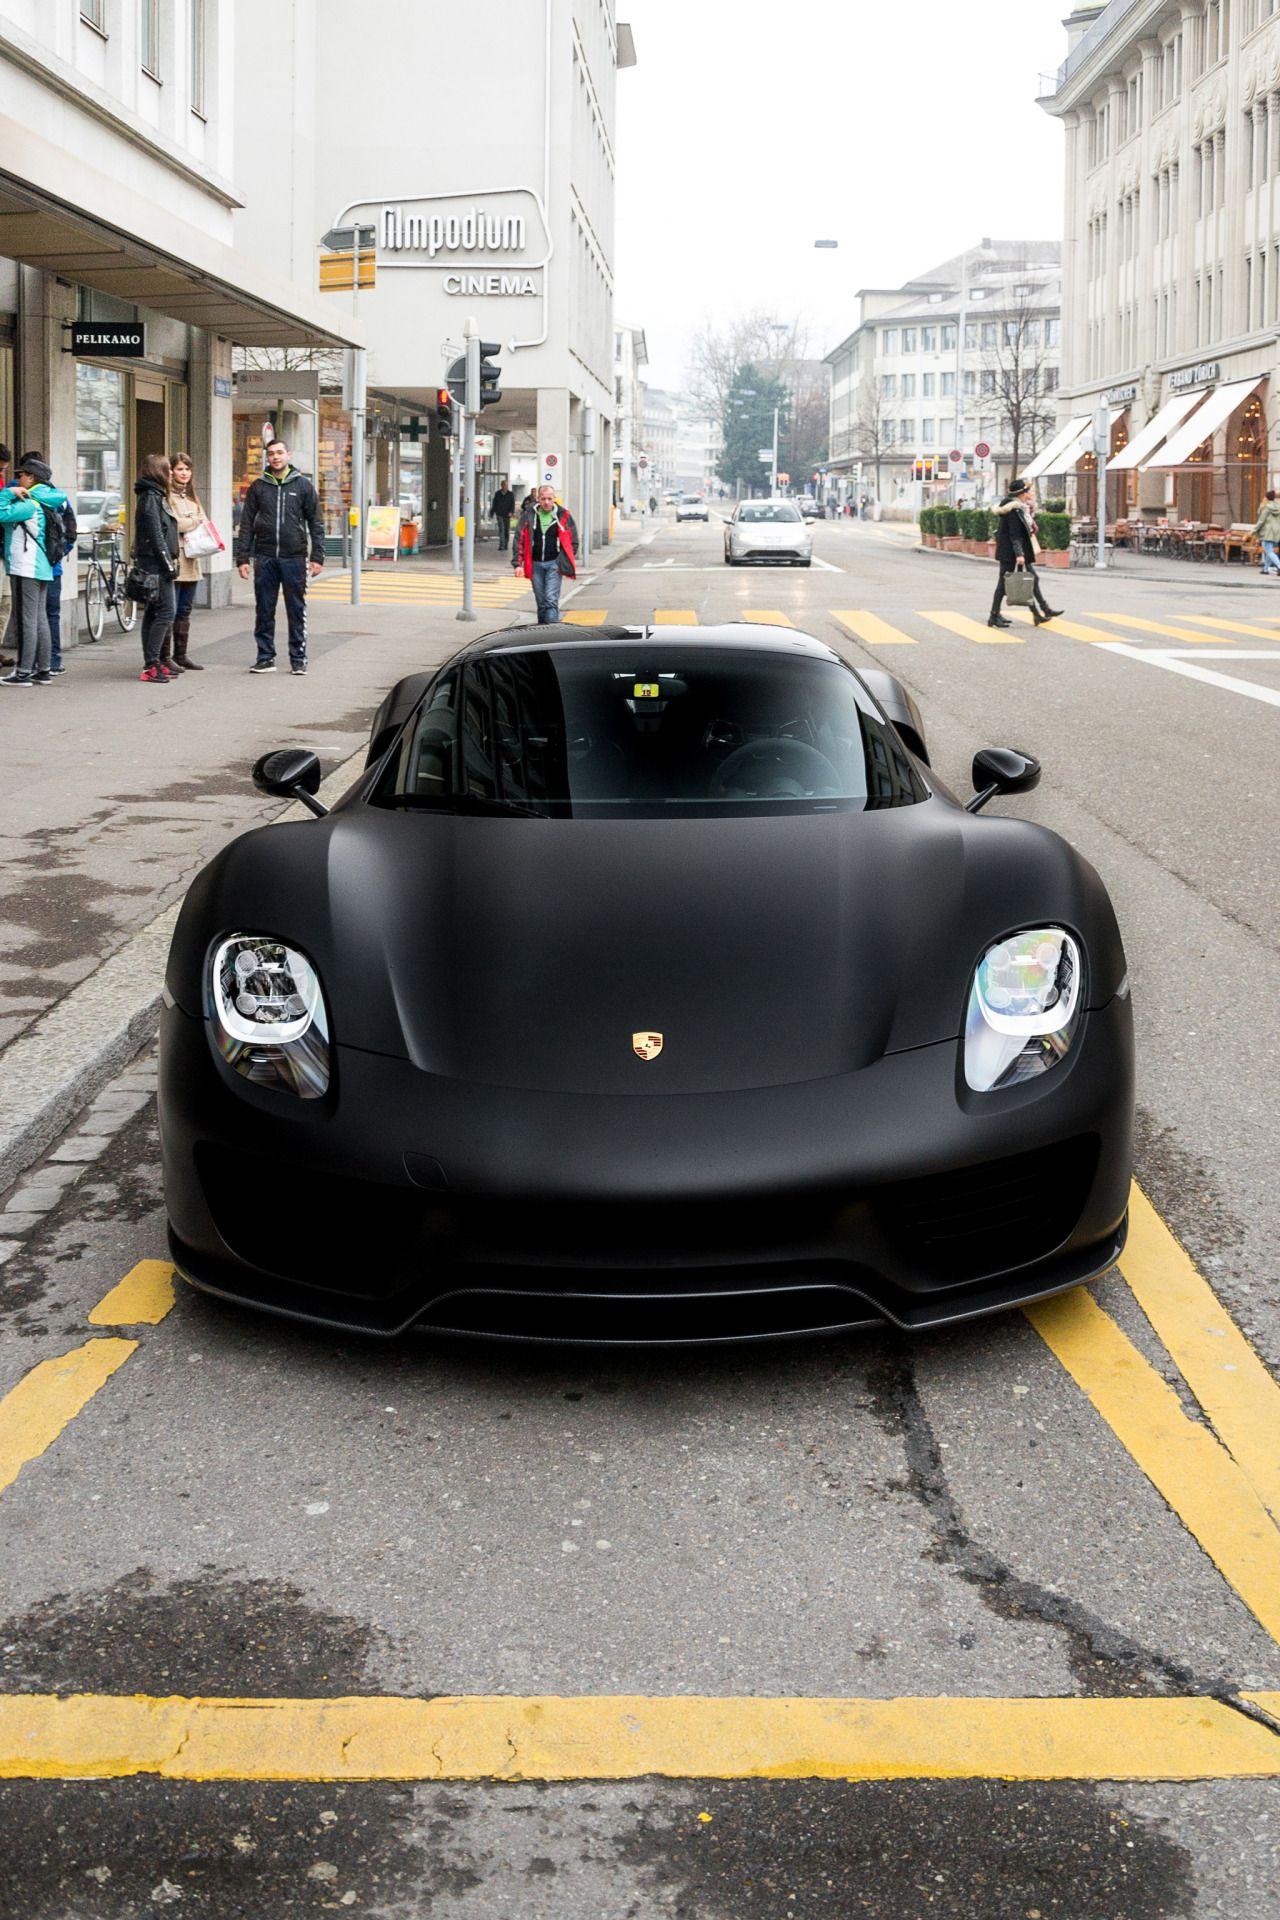 f67023612a5b857365e79bfda2b9d007 Stunning Porsche 918 Spyder Paint Job Cars Trend